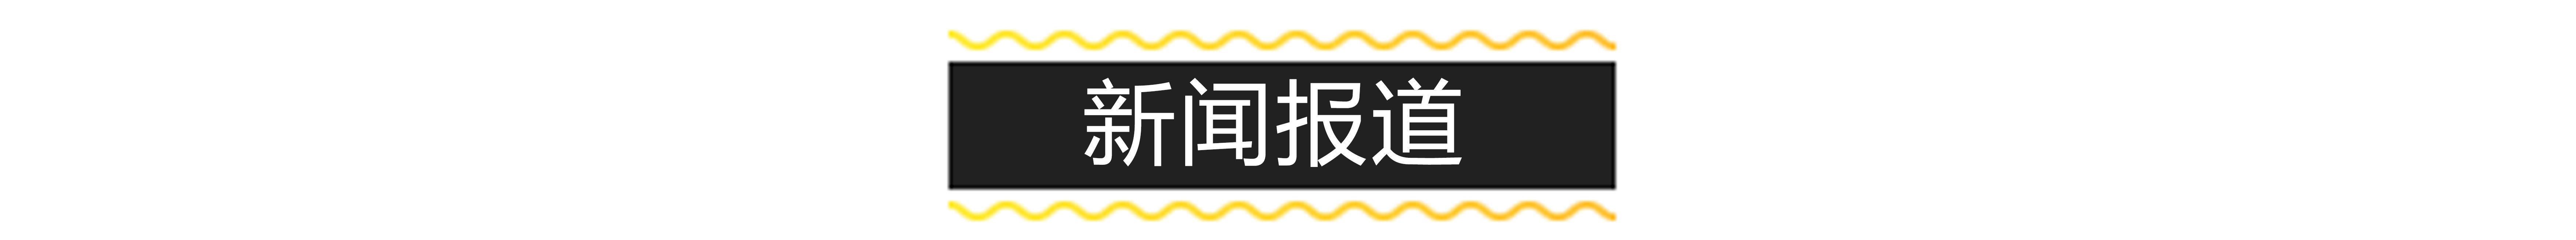 新闻报道标题.jpg